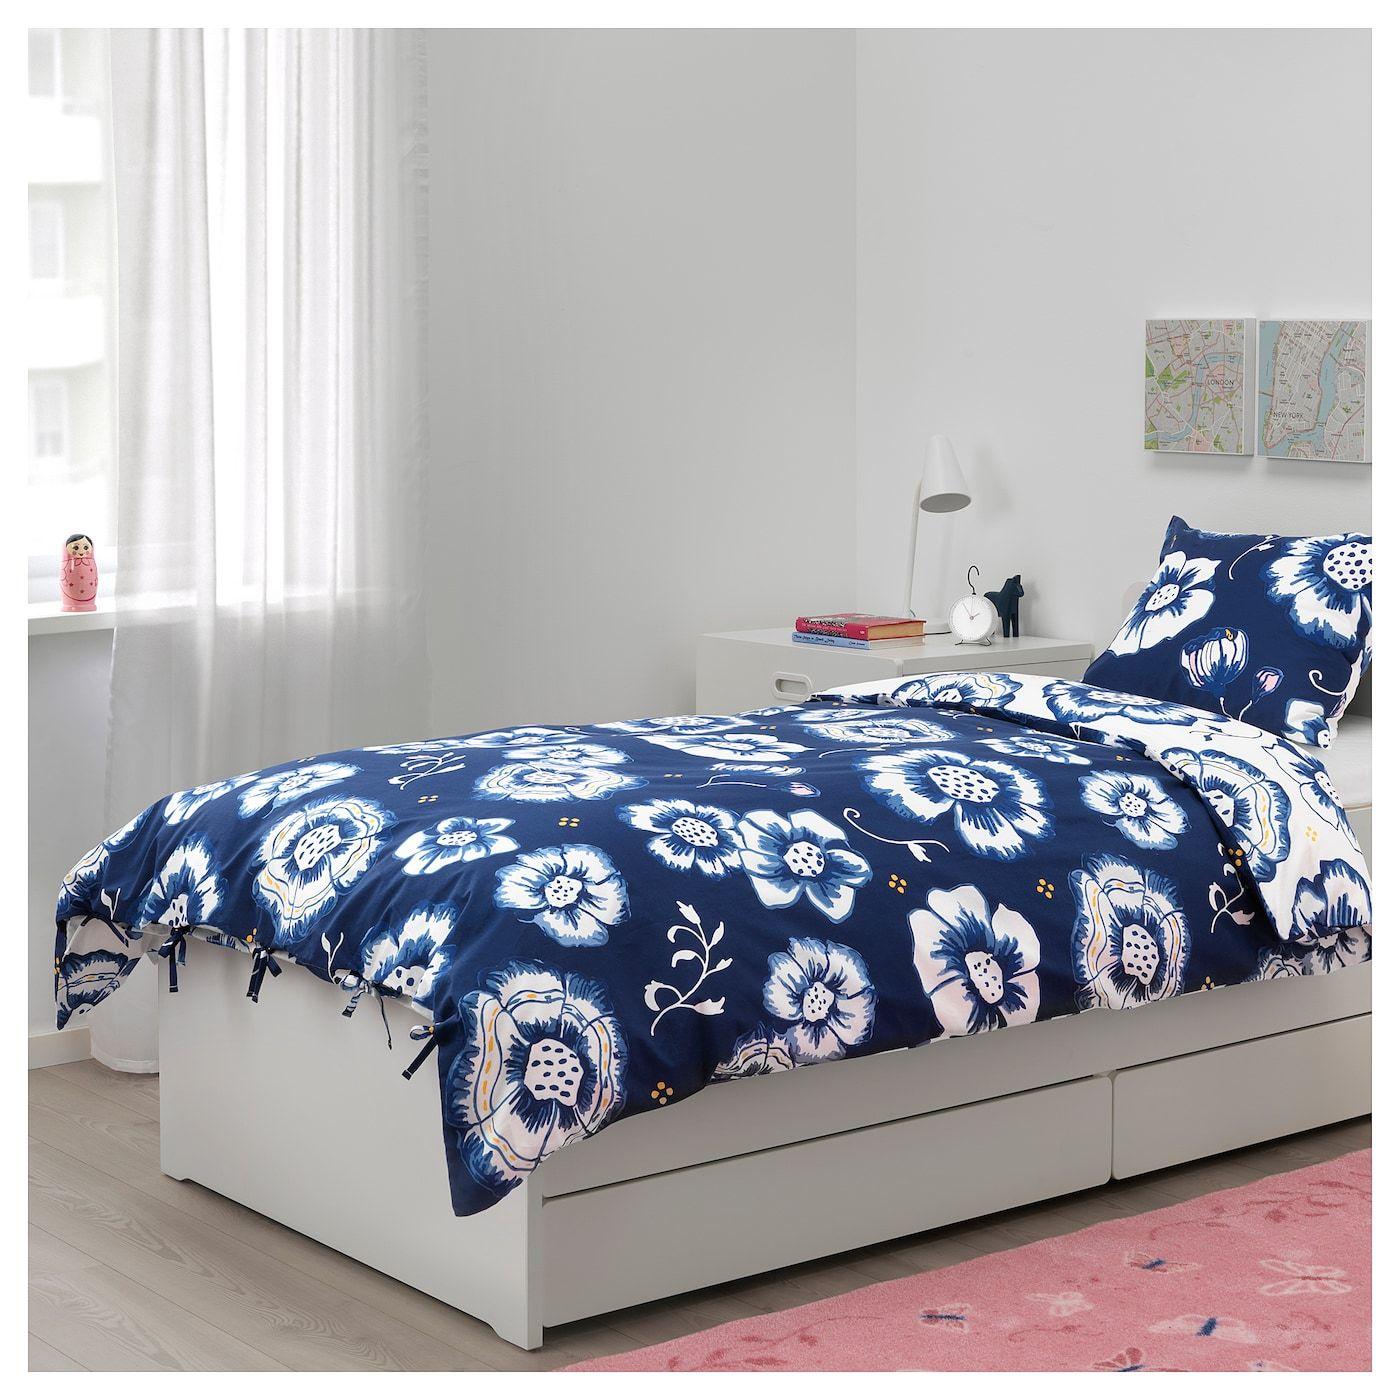 Ikea Us Furniture And Home Furnishings Copripiumino Letti Di Lusso Idee Ikea